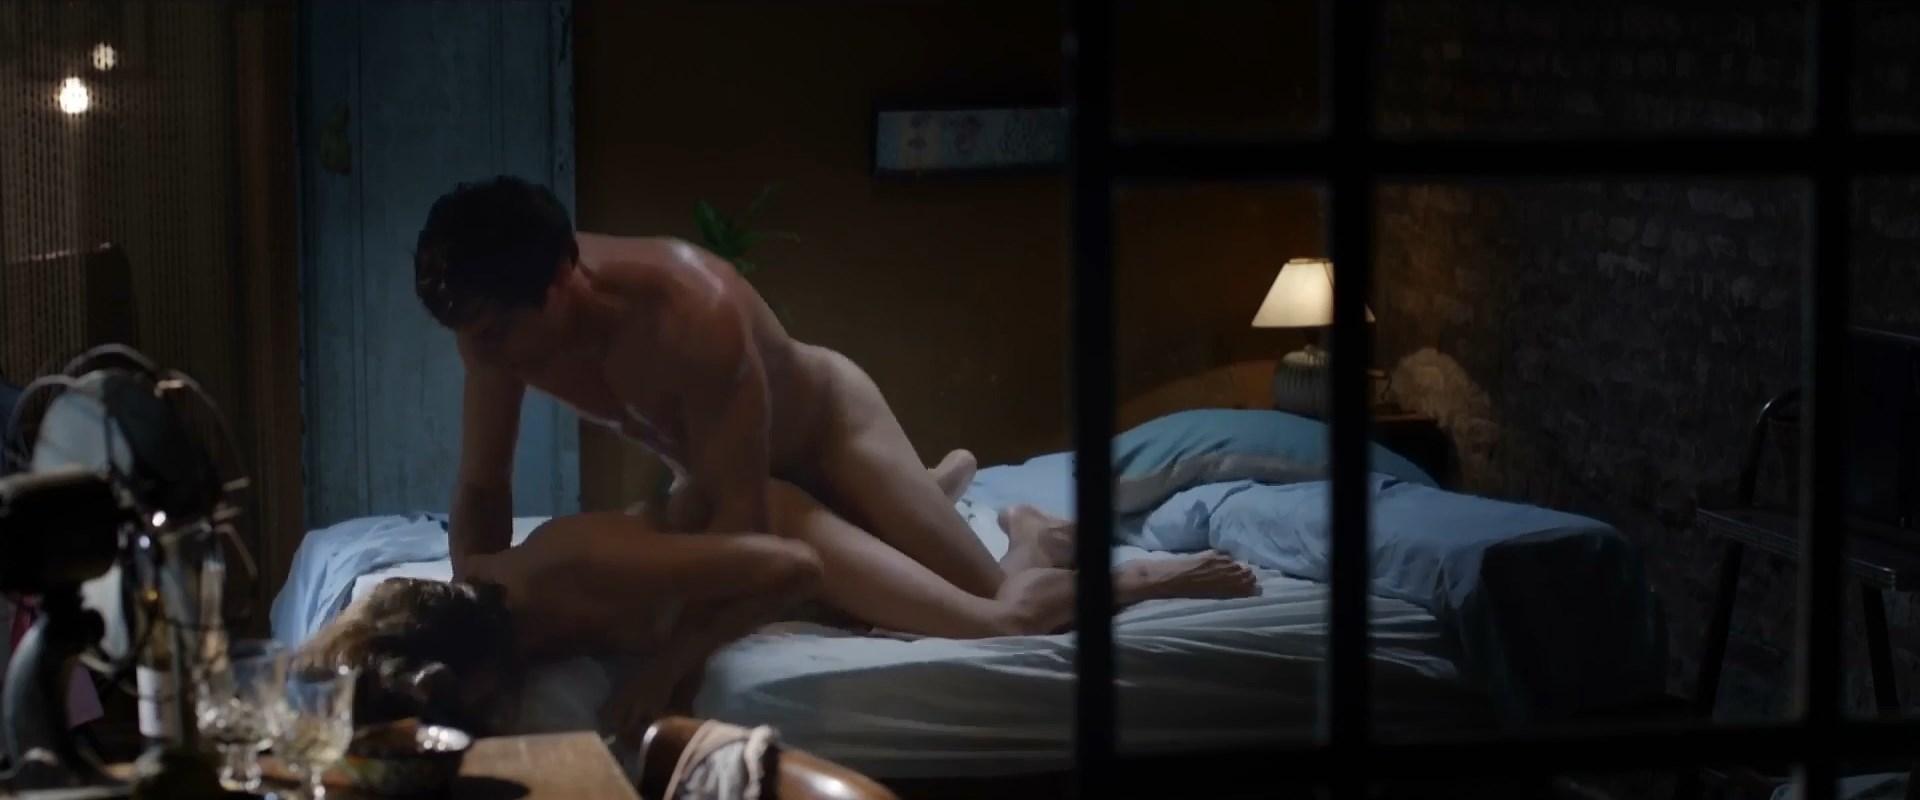 Berenice Bejo nude, Martina Gusman nude - La quietud (2018)